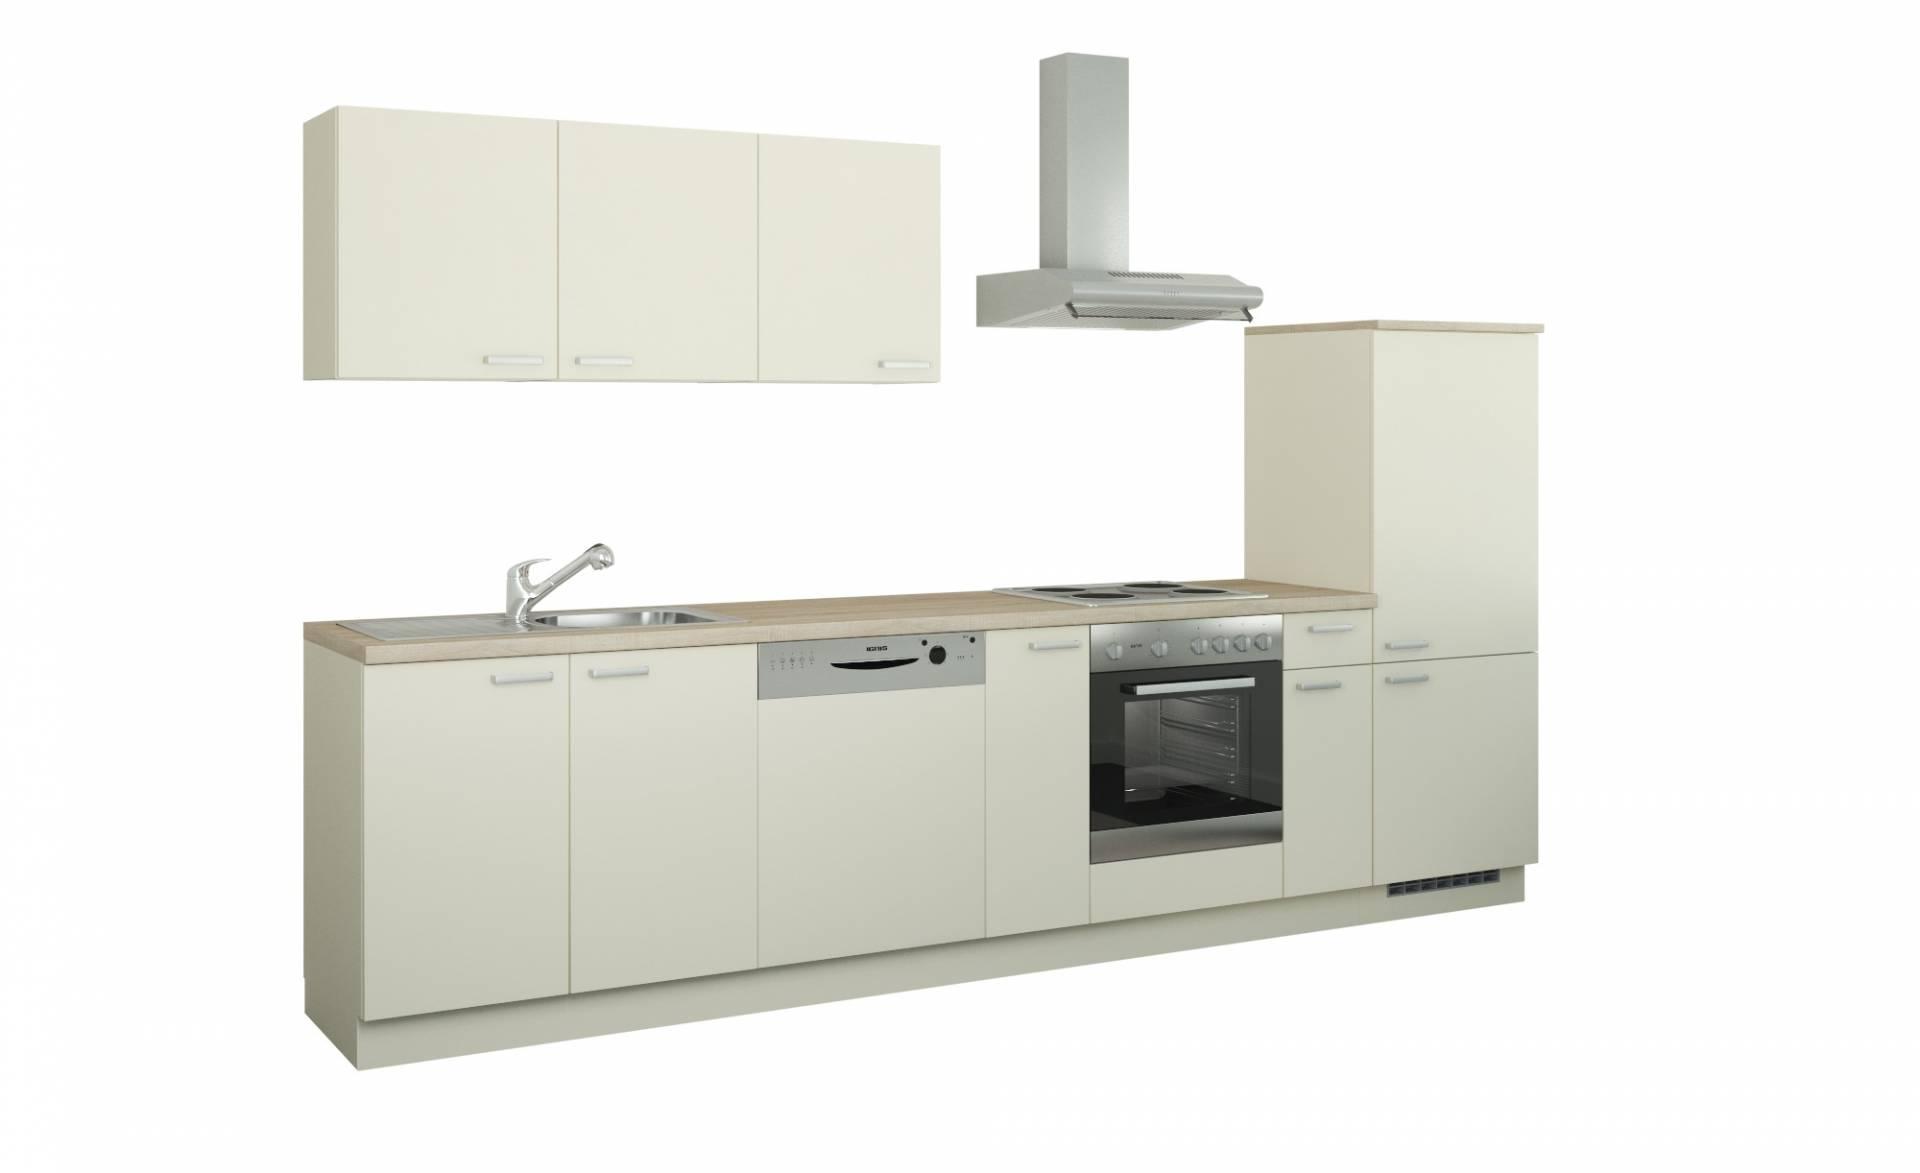 Möbel für Küche bei Möbel Höffner. Günstig online kaufen bei Möbel ...